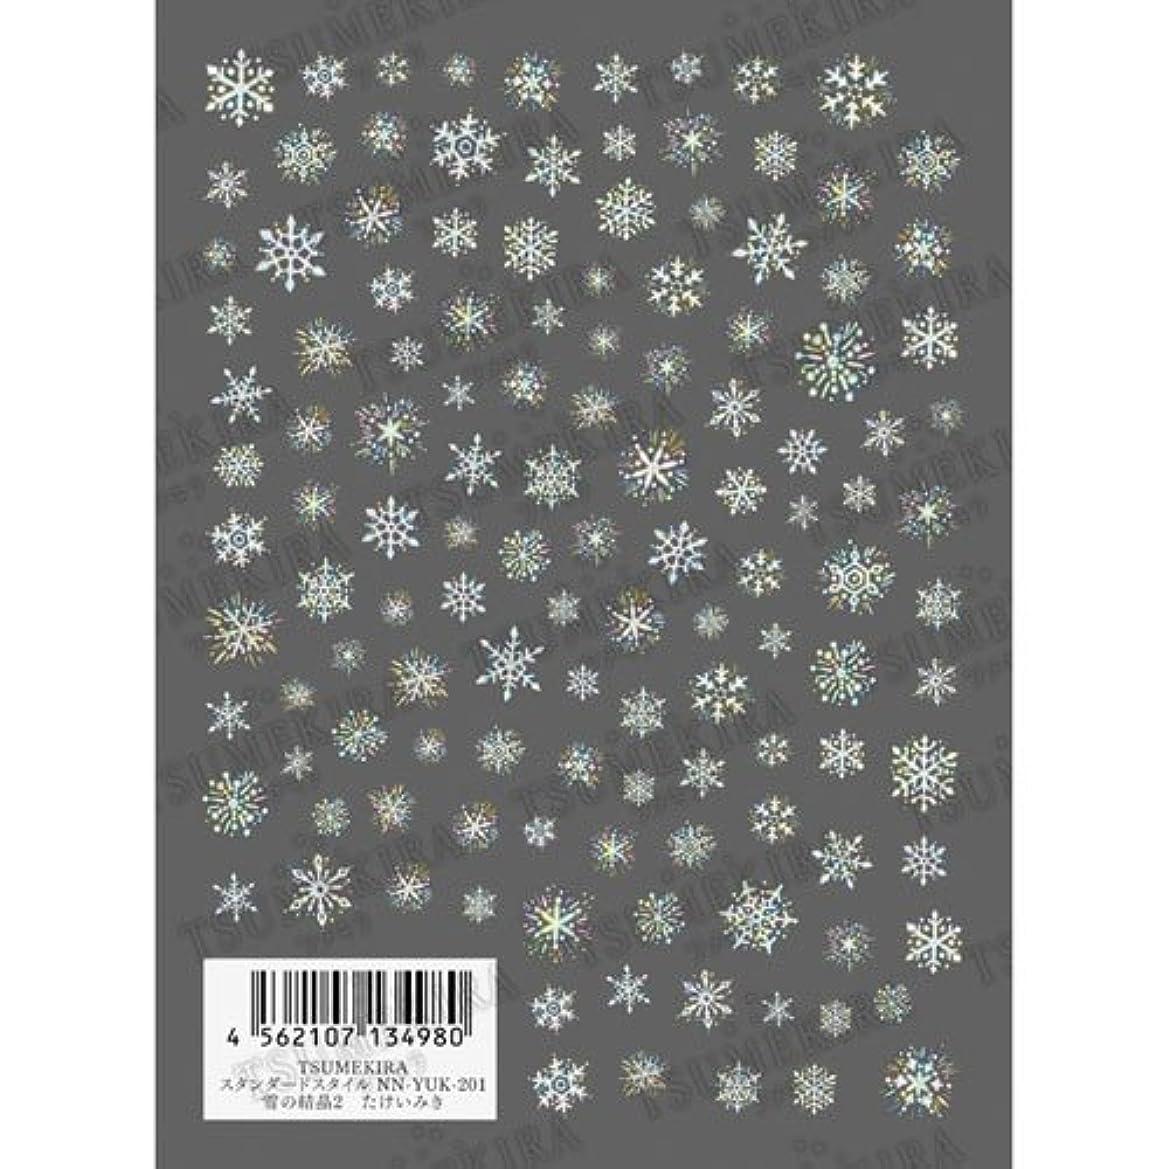 ツメキラ ネイル用シール スタンダードシリーズ 雪の結晶2 NN-YUK-201